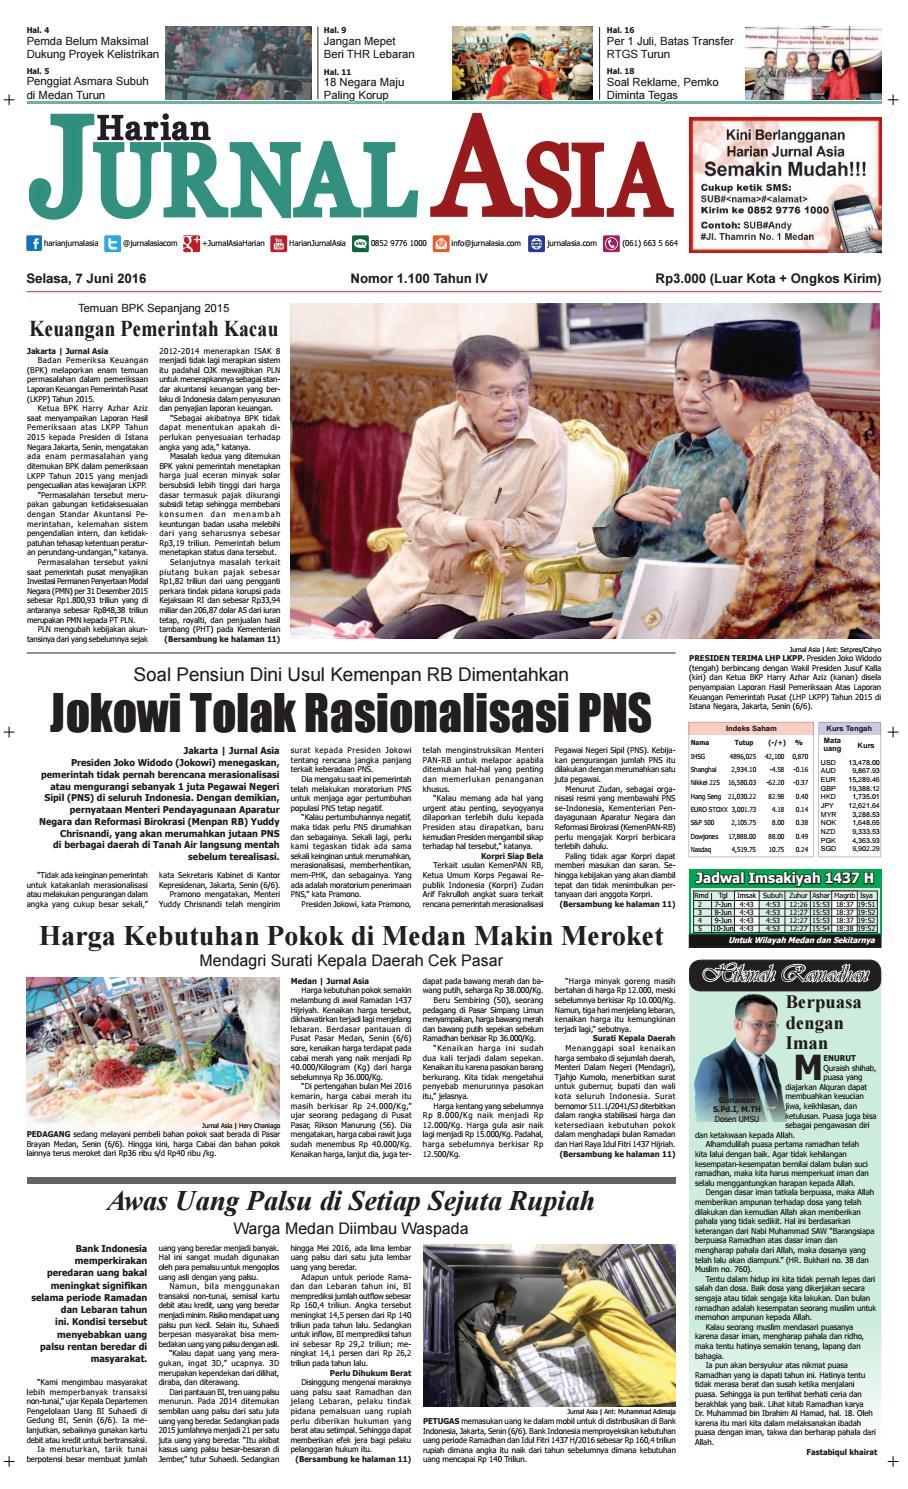 Harian Jurnal Asia Edisi Selasa 07 Juni 2016 By Harian